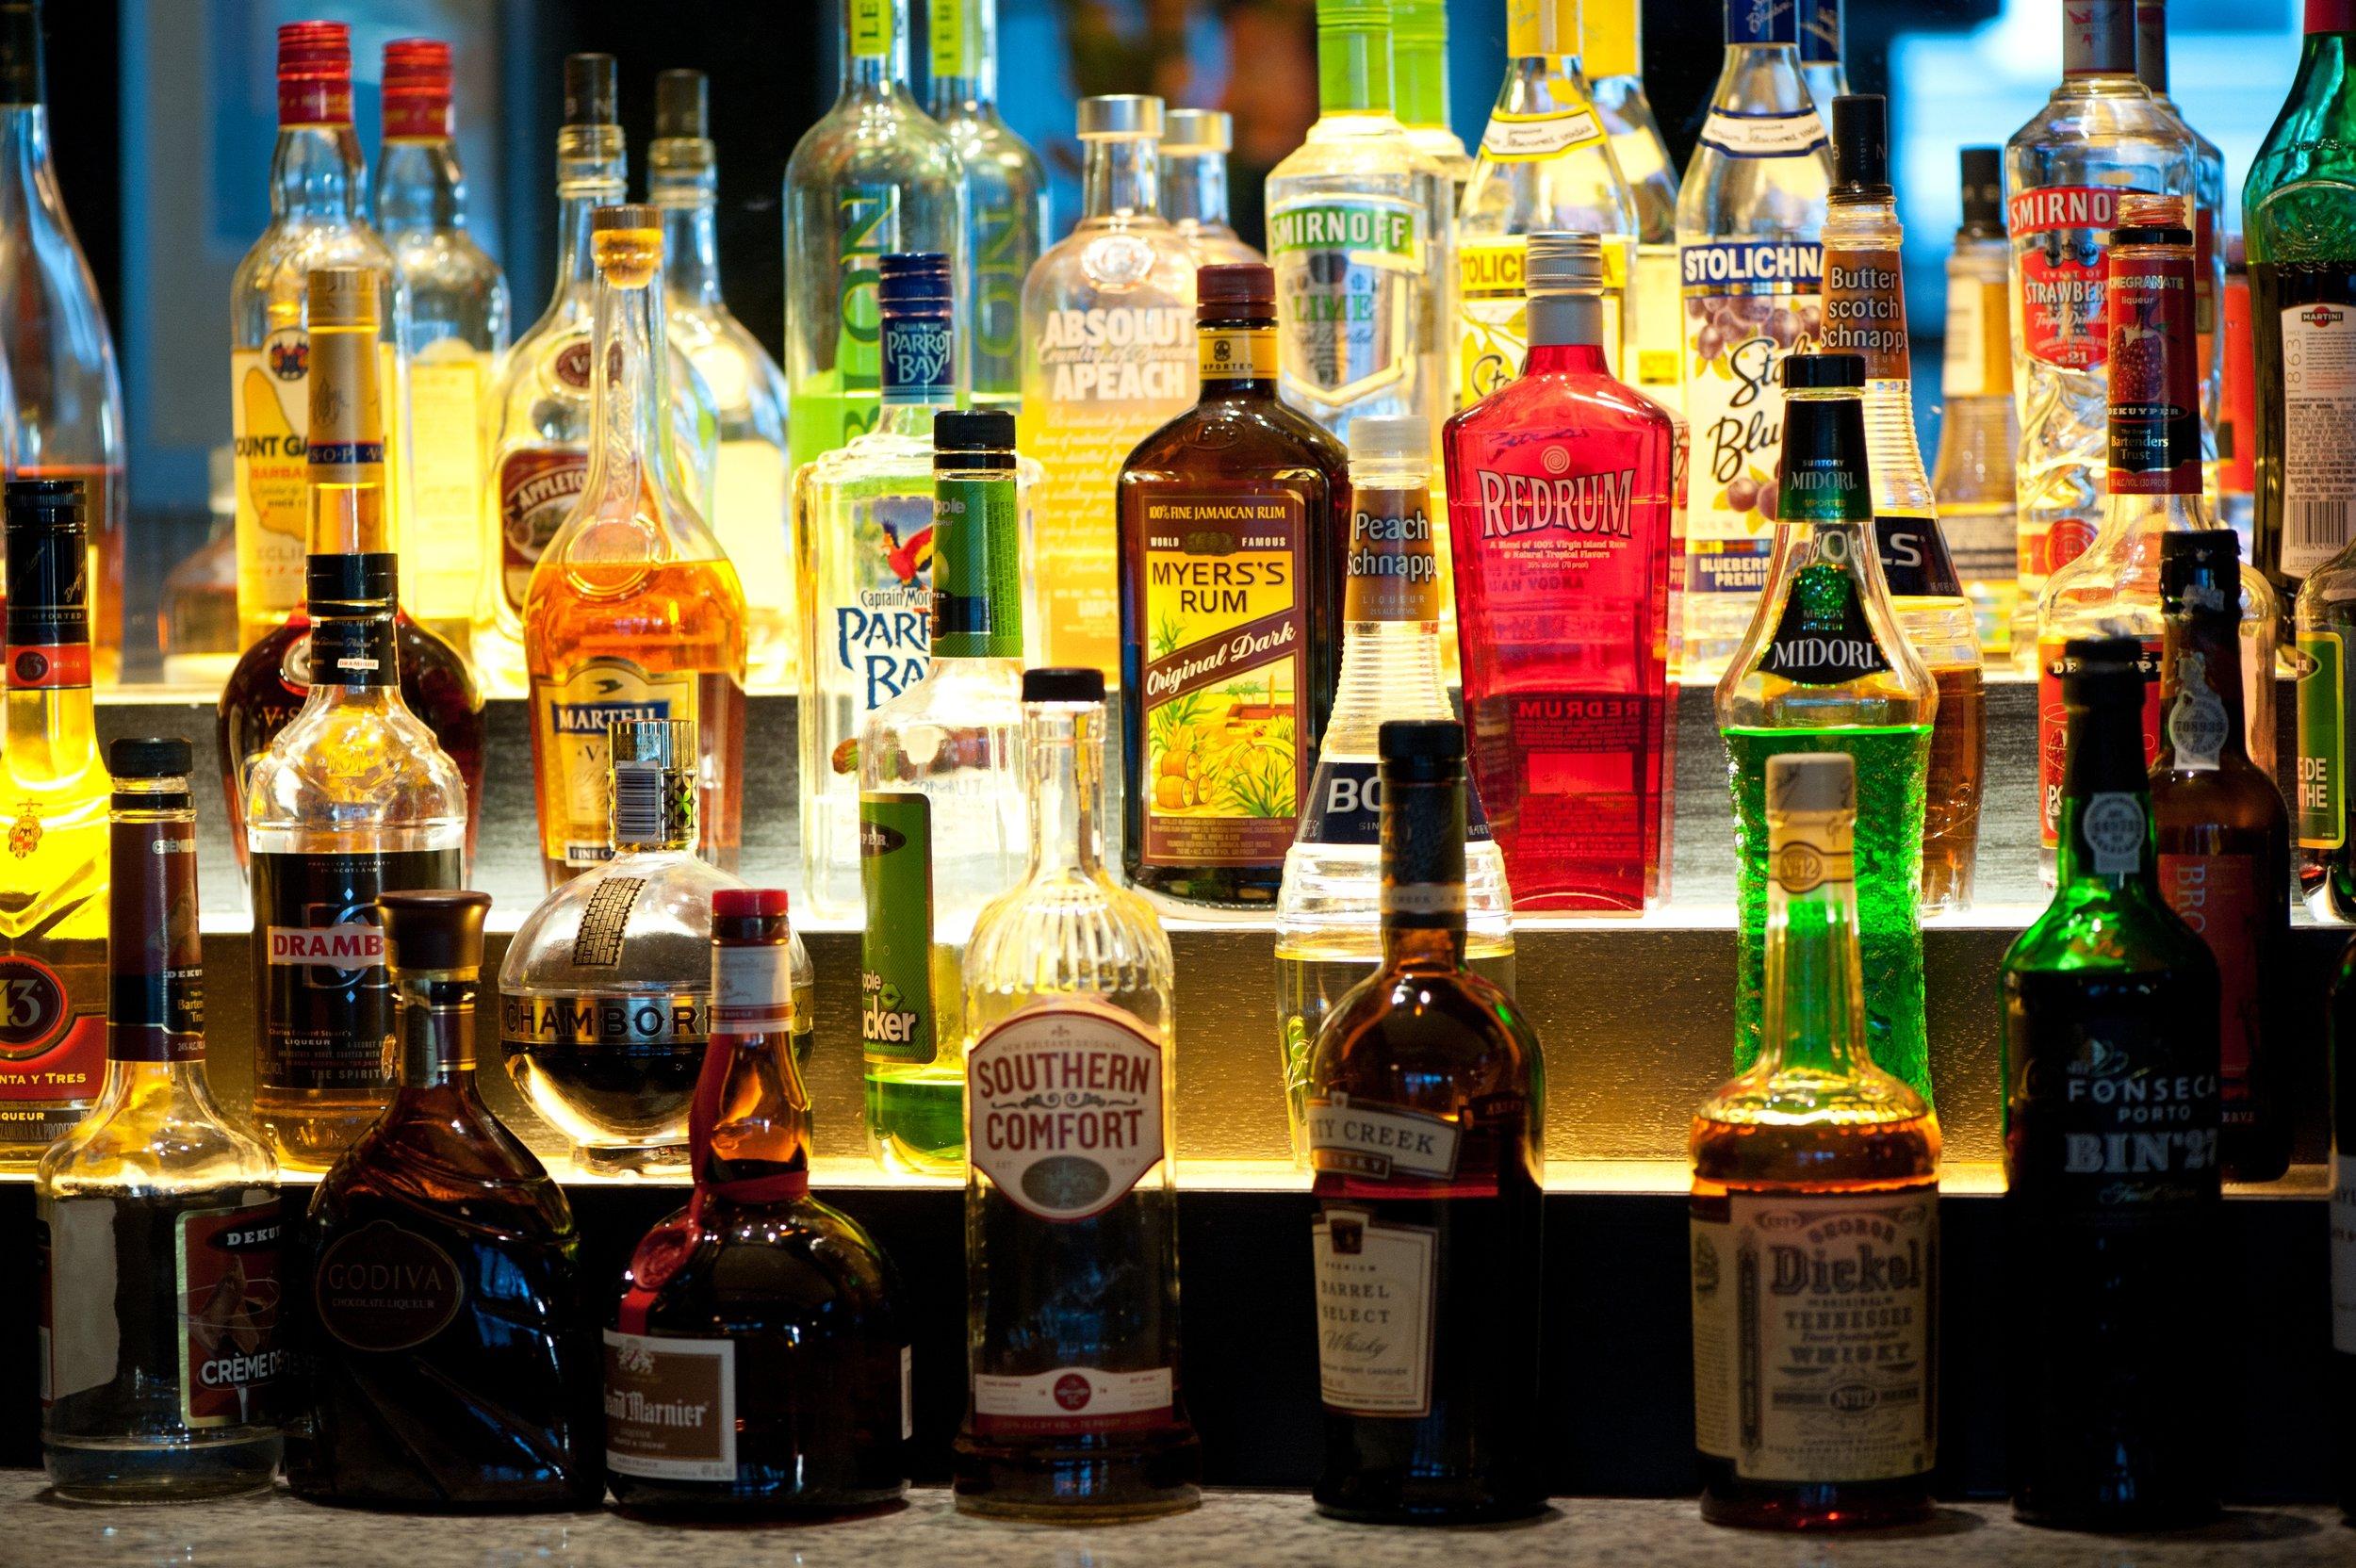 Giardinas liquor.JPG